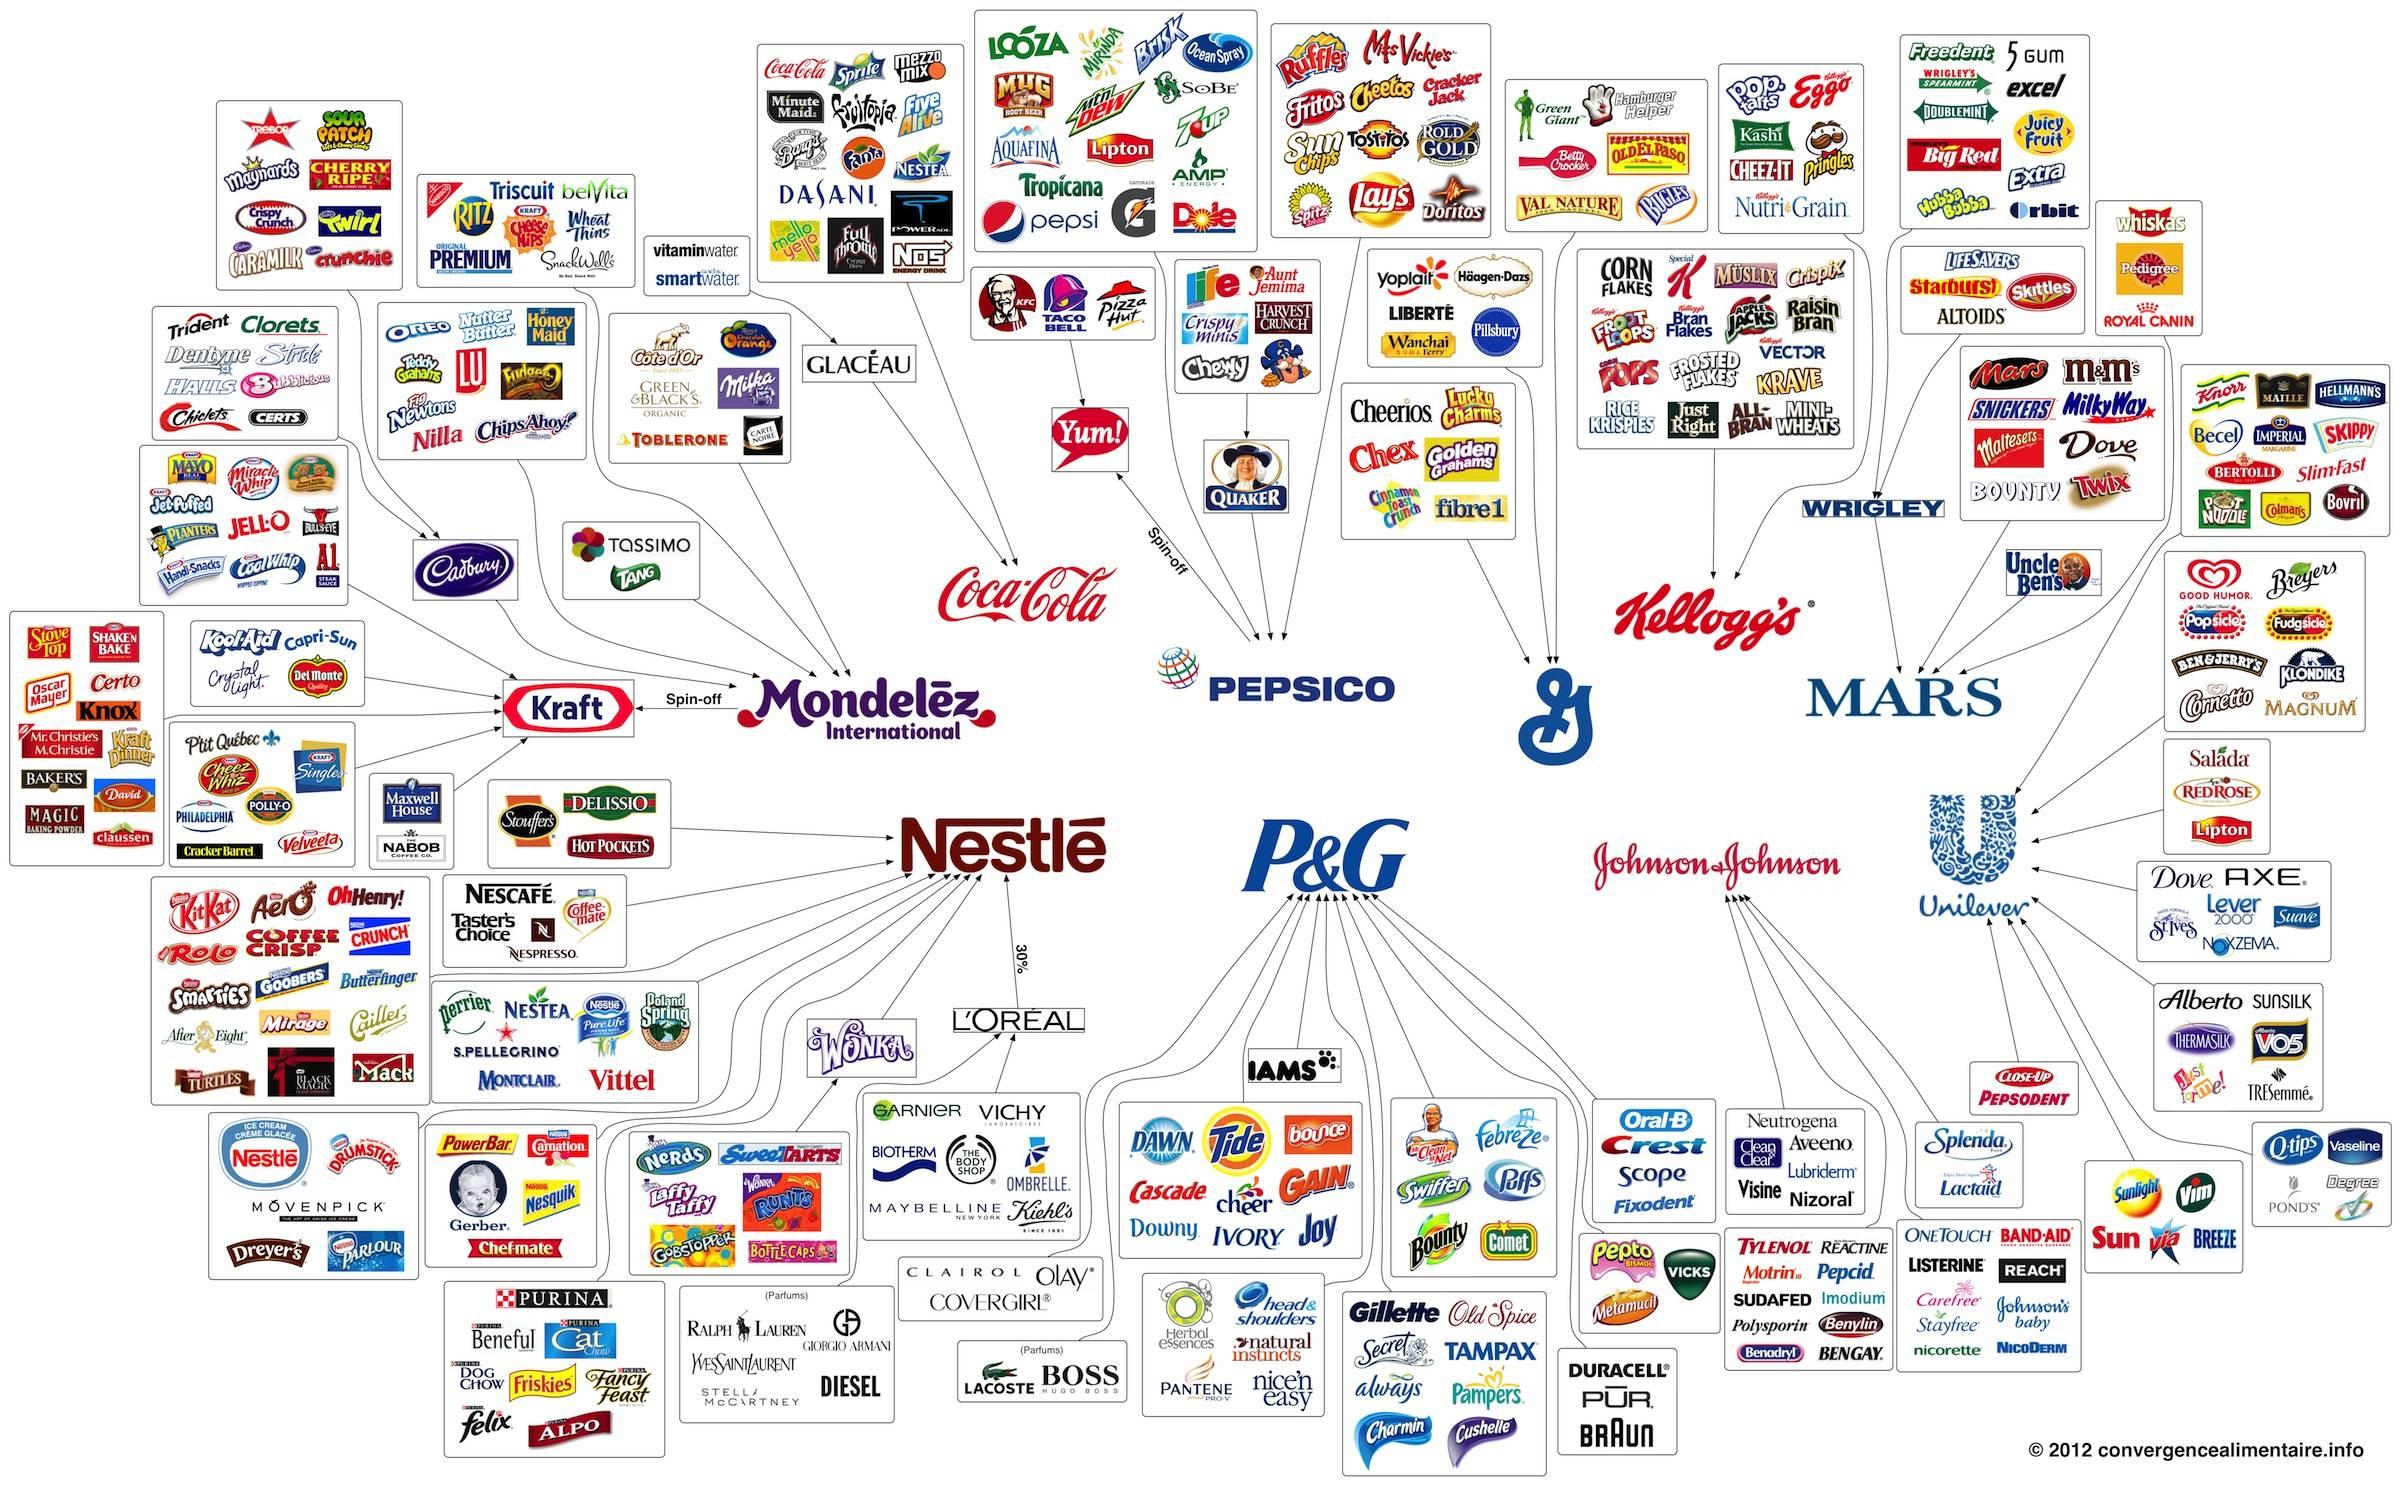 Światowe korporacje FMCG